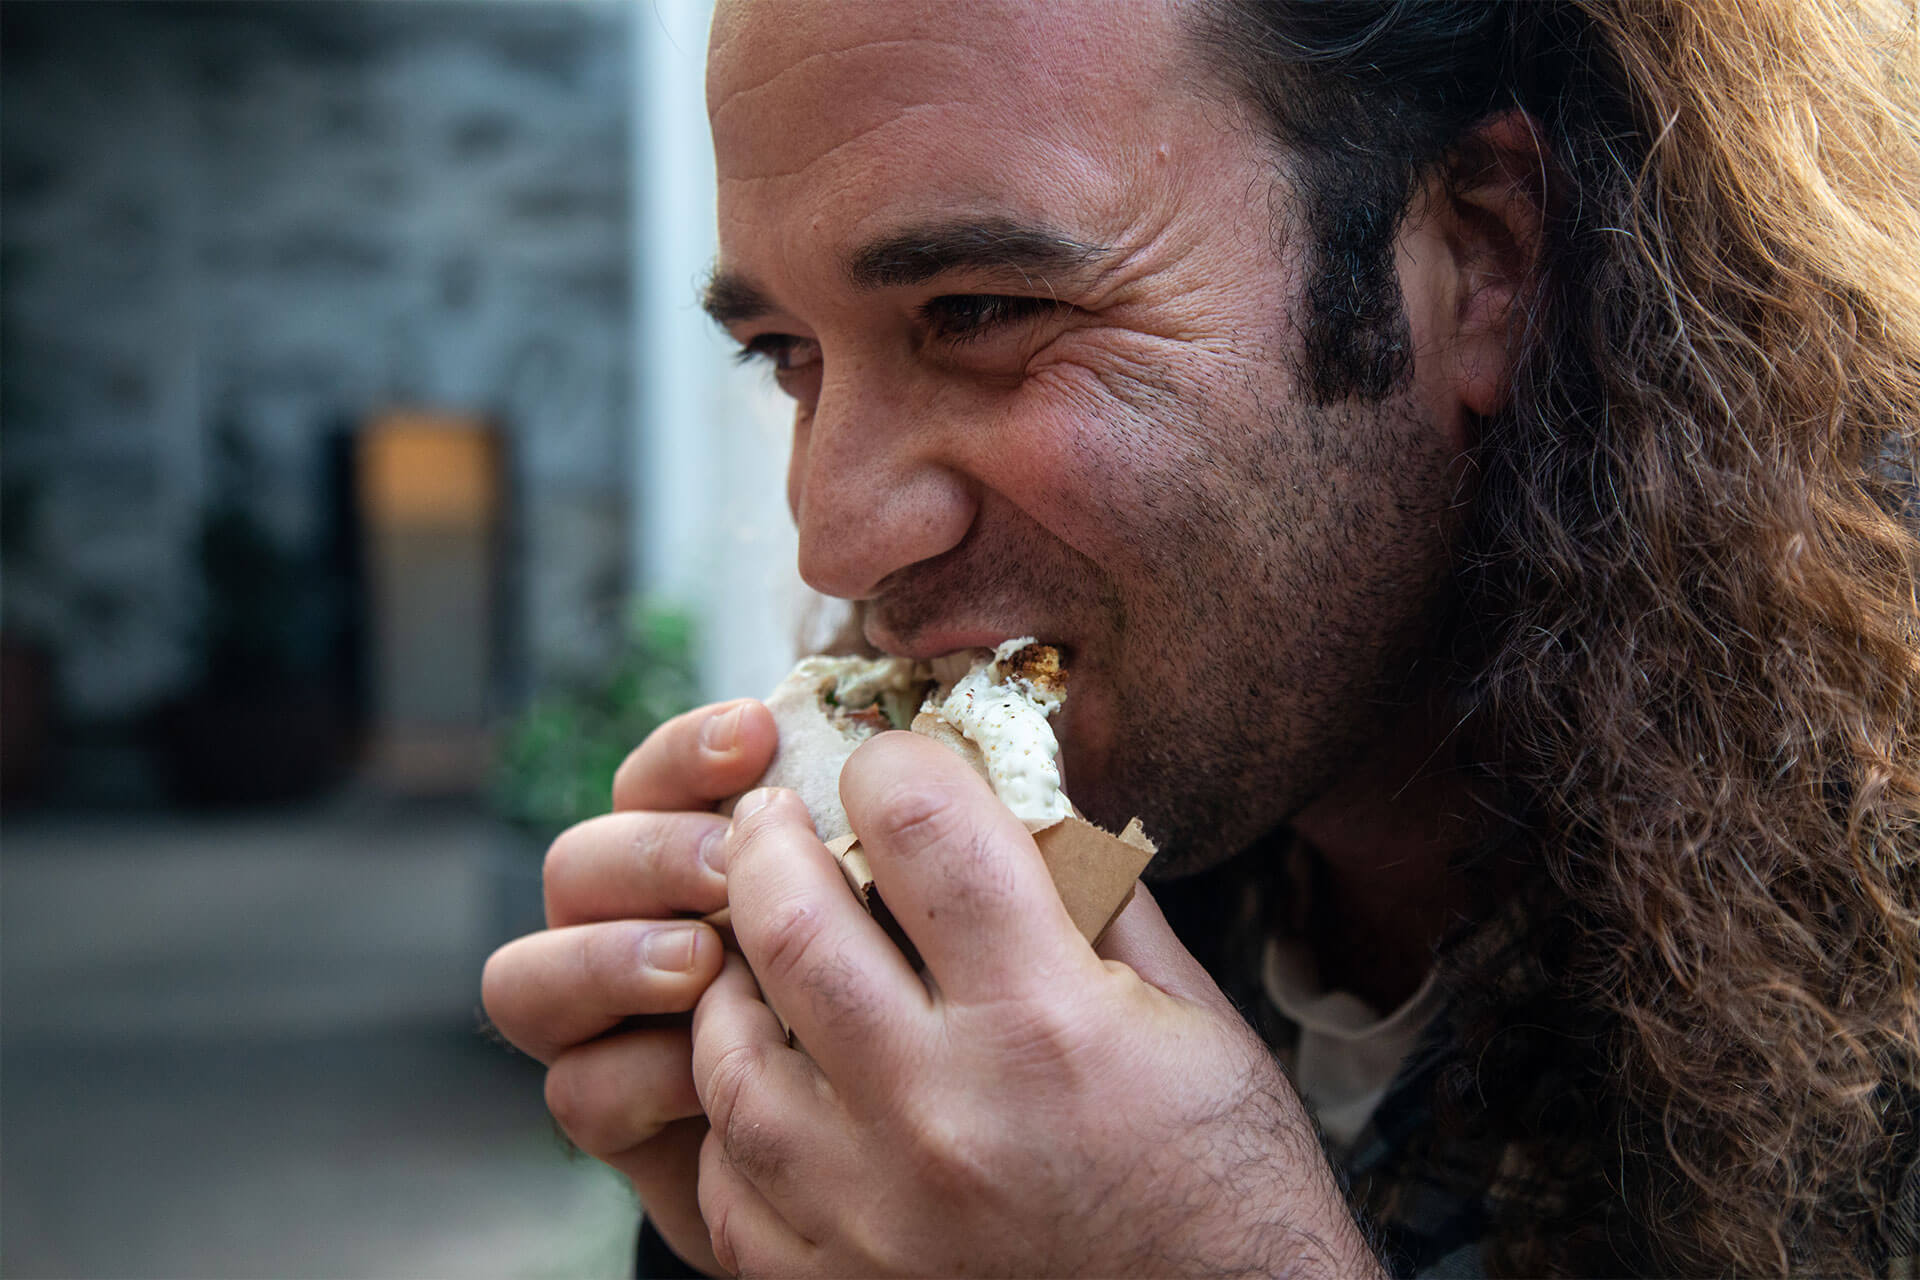 A guy eats Carmel's pita